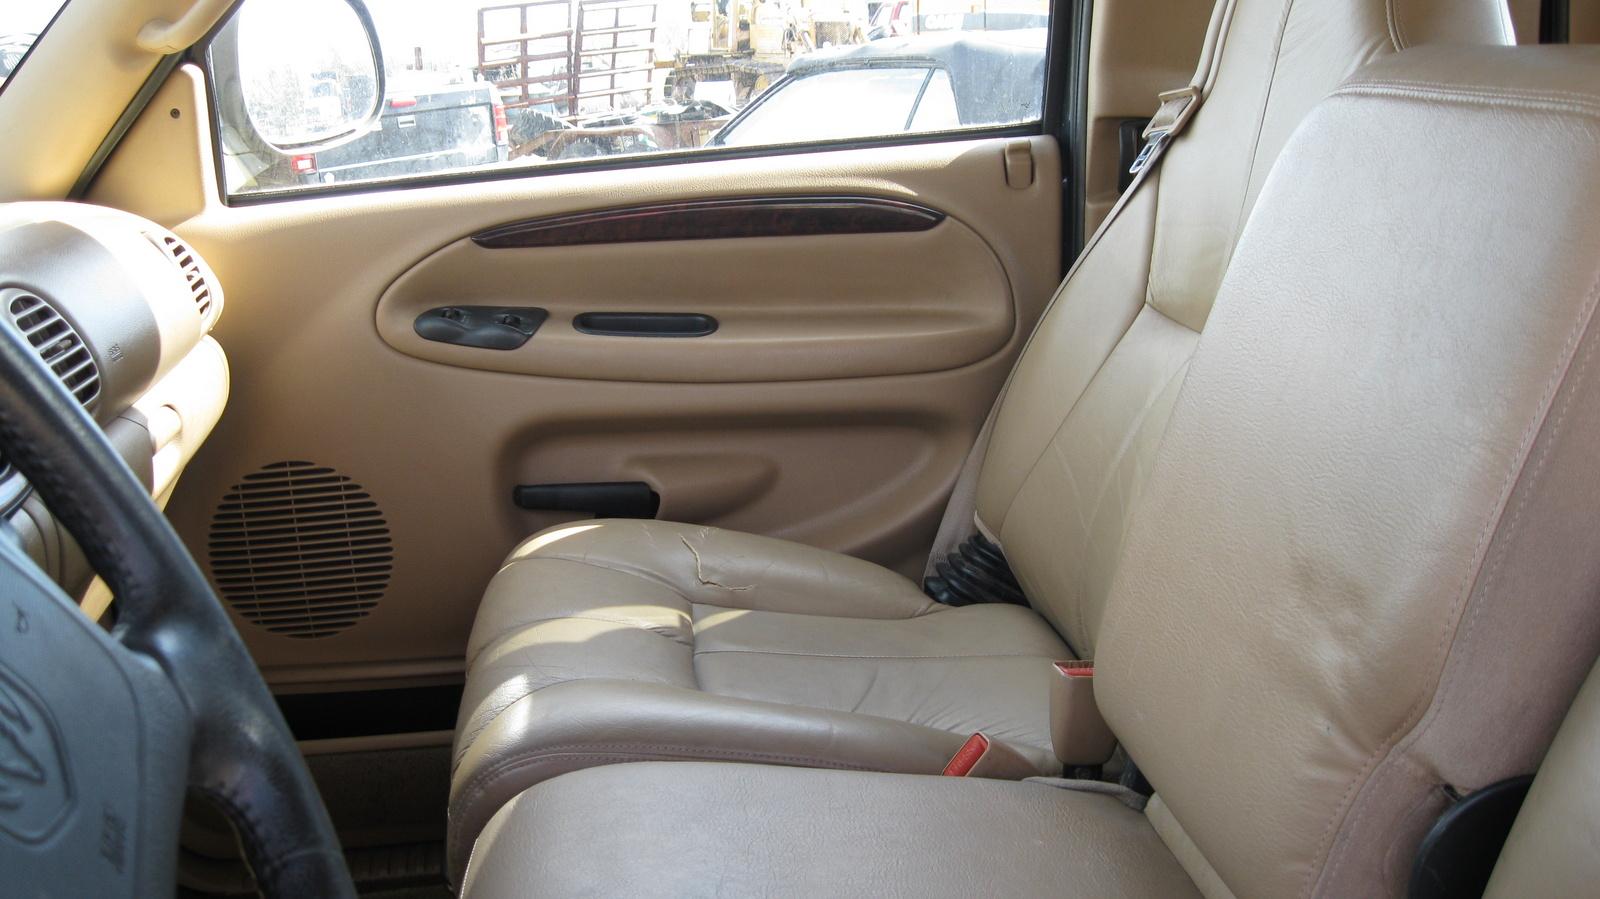 2000 Dodge Ram Pickup 1500 Interior Pictures Cargurus